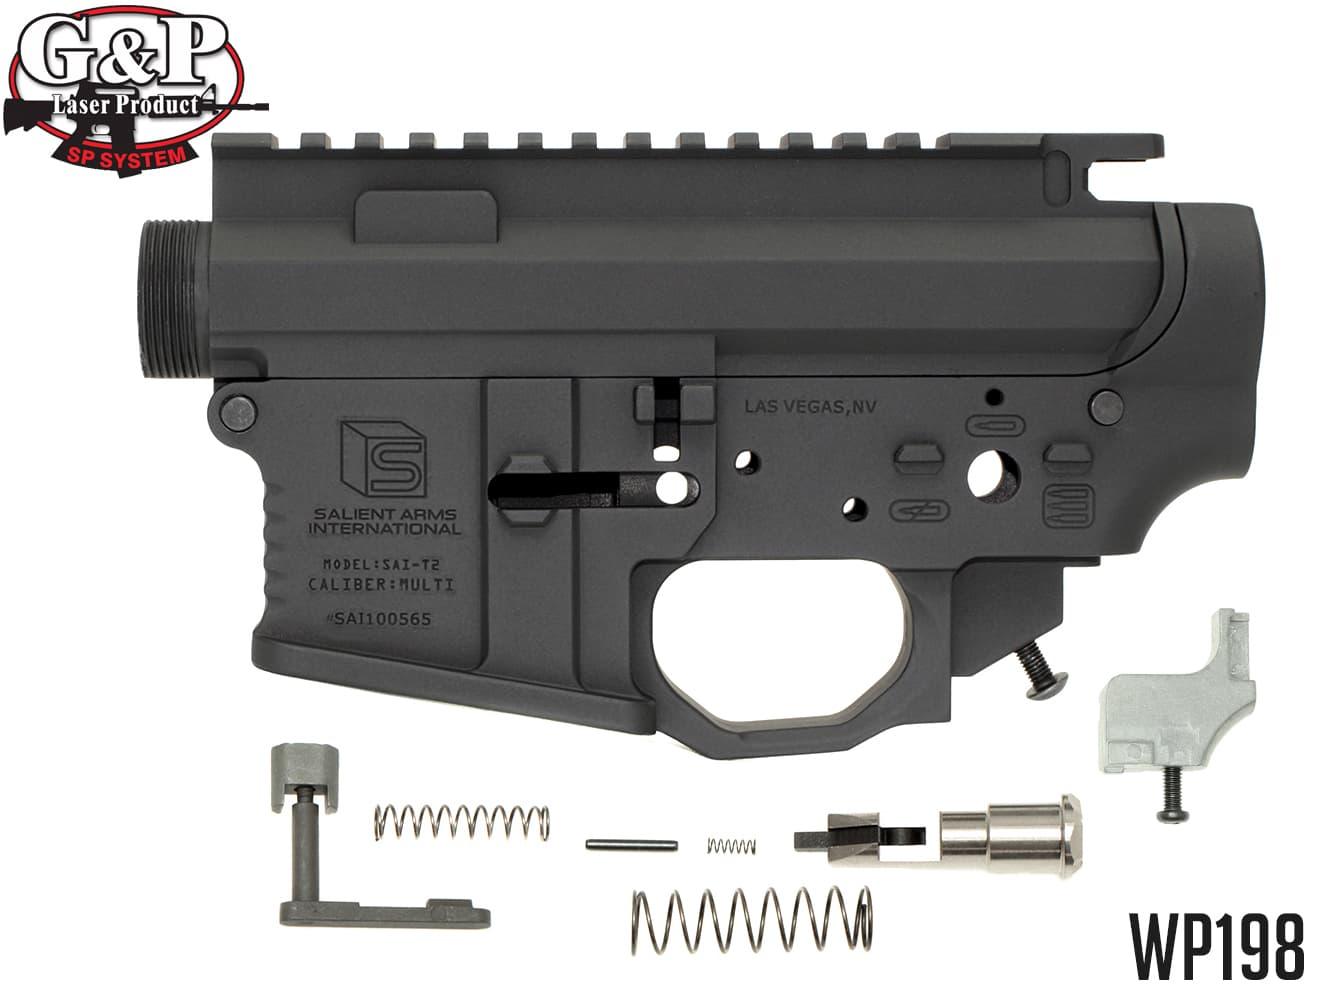 G&P SAI(Salient Arms International) メタルフレーム WA M4◆ウエスタンアームズ M4A1対応 AR-15 SAI社フレーム セイリエントアームズ 正規ライセンス SAI刻印